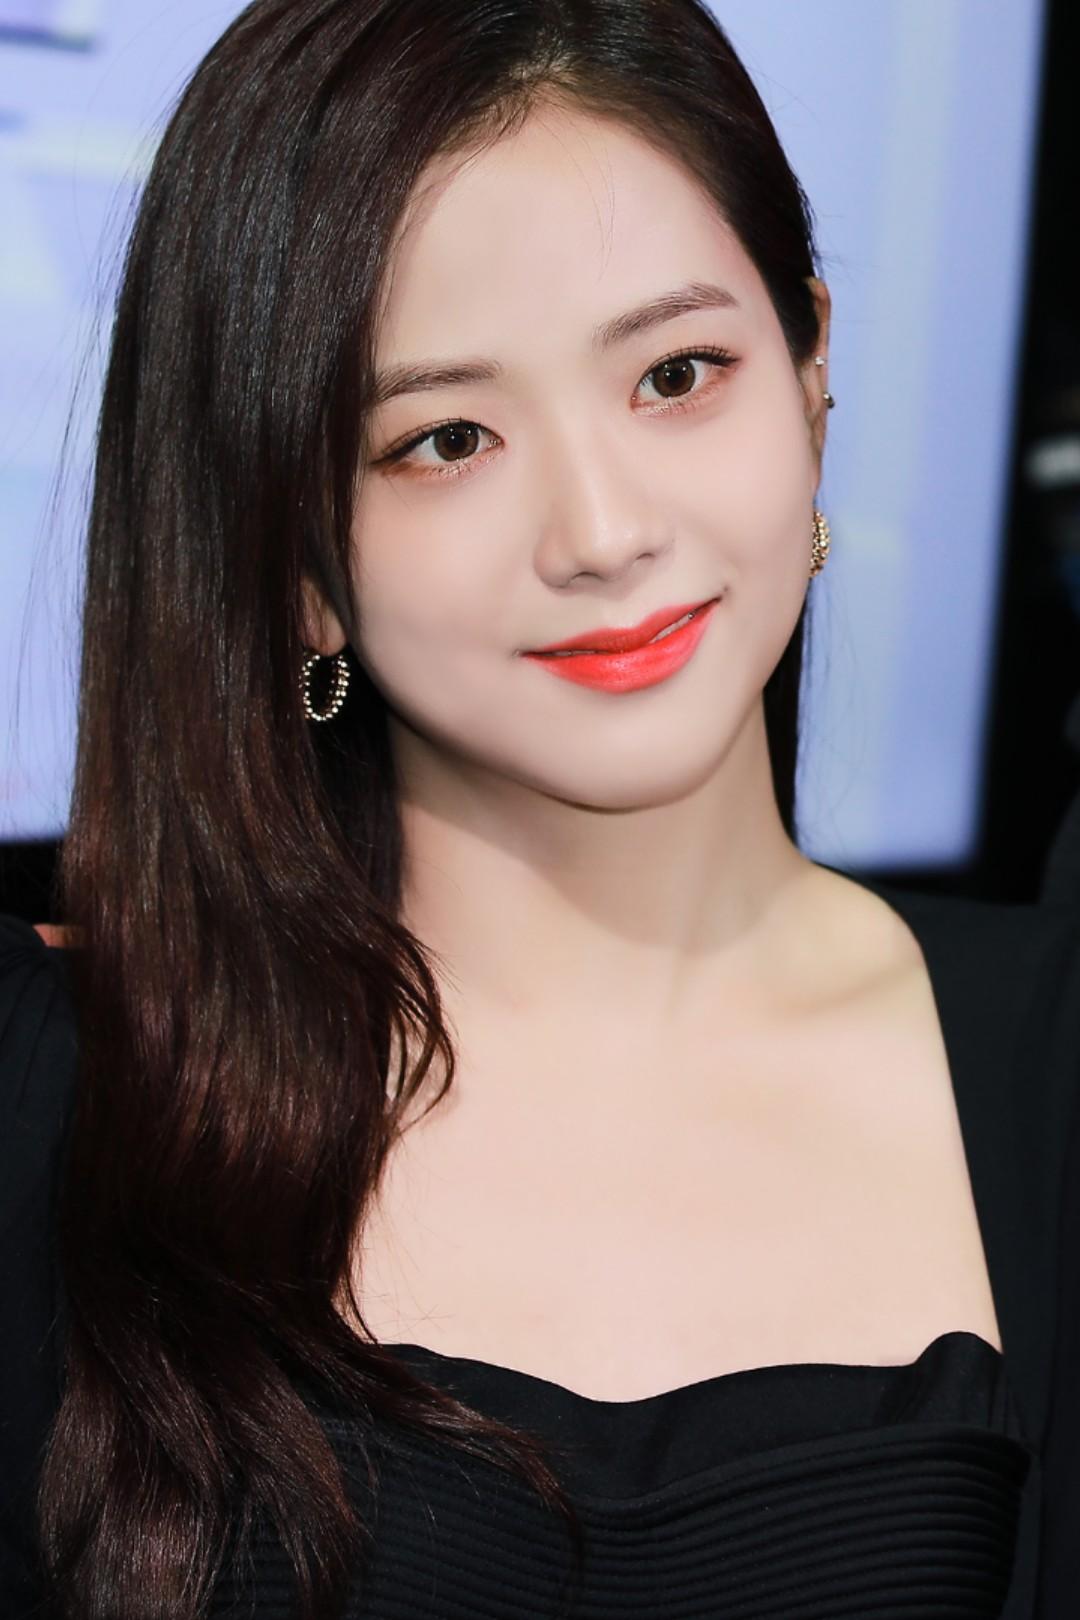 """Jisoo già nua Nhược điểm nhan sắc """"trí mạng"""" của Jisoo, makeup sơ sẩy là già ngay chục tuổi, lộ visual lão hóa không phanh - Ảnh 2."""